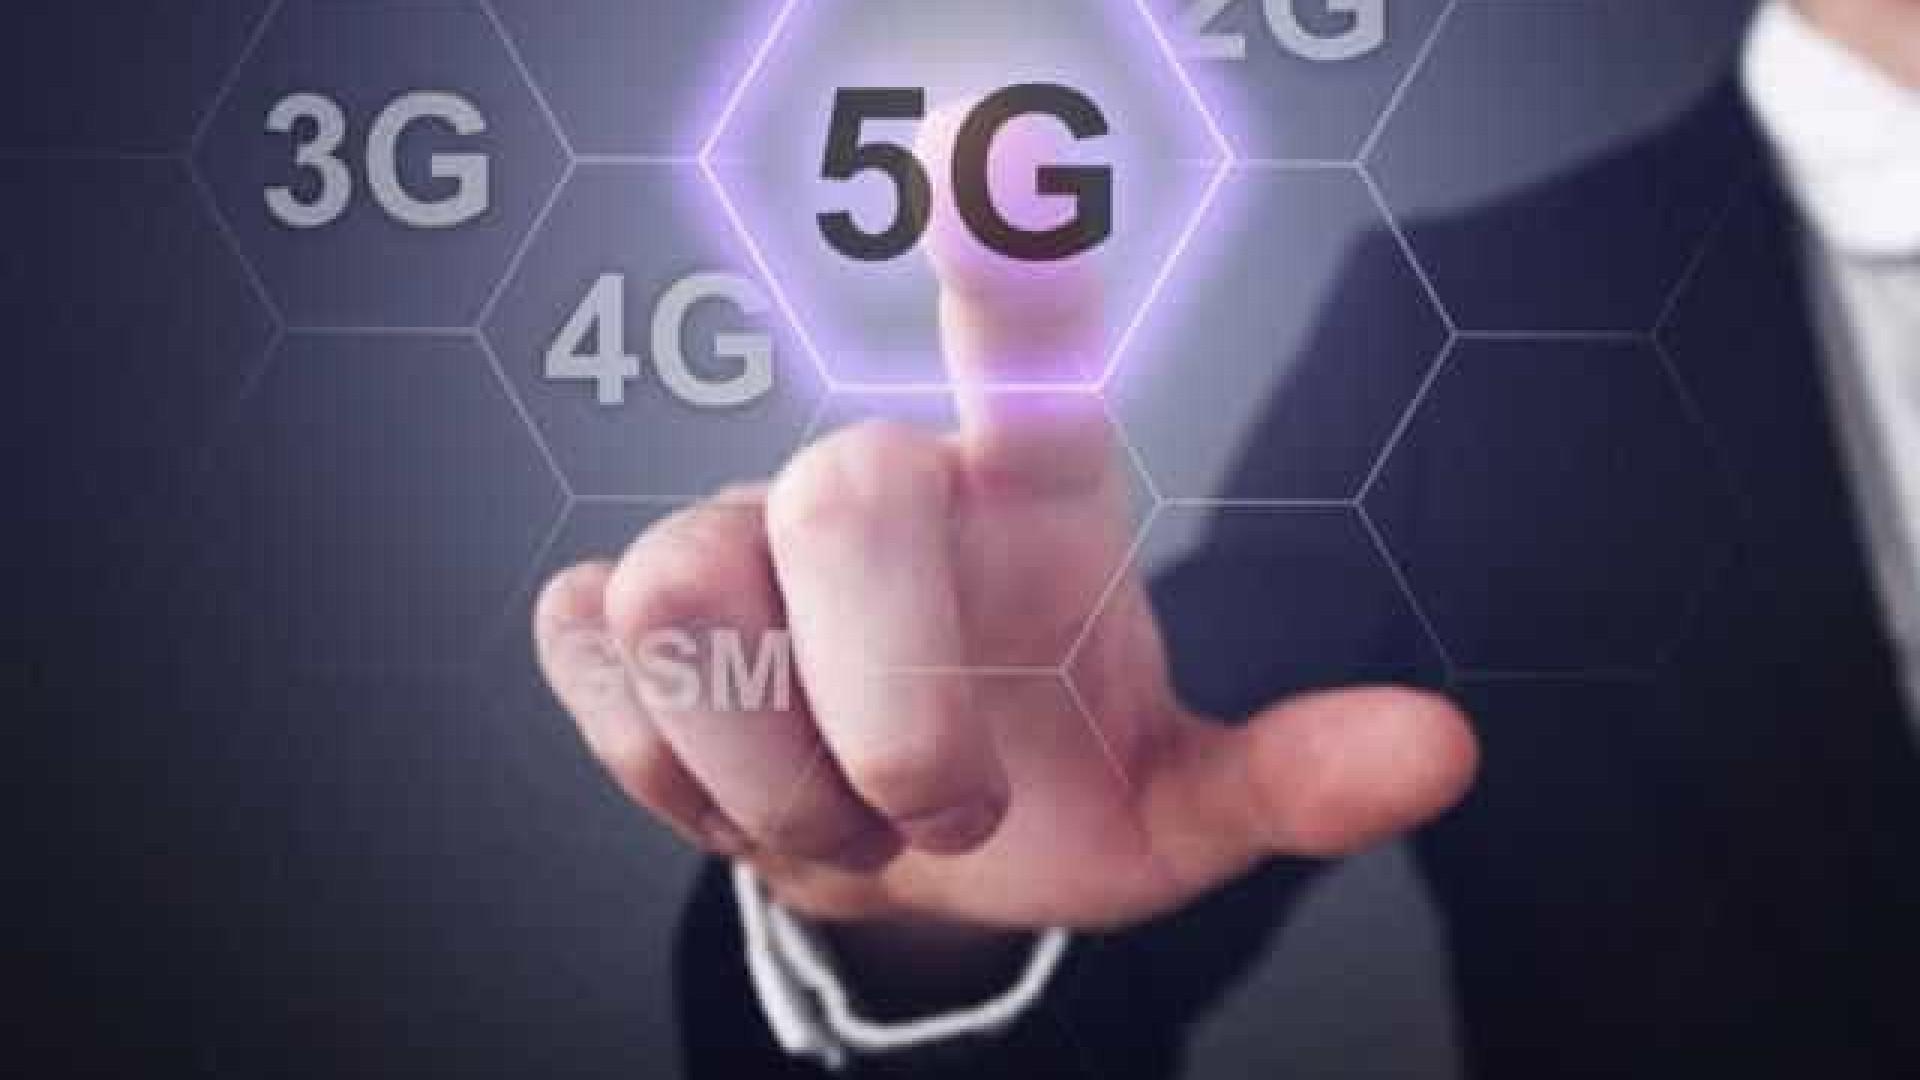 Pesquisa: 96% das empresas de tecnologia planejam alavancar 5G